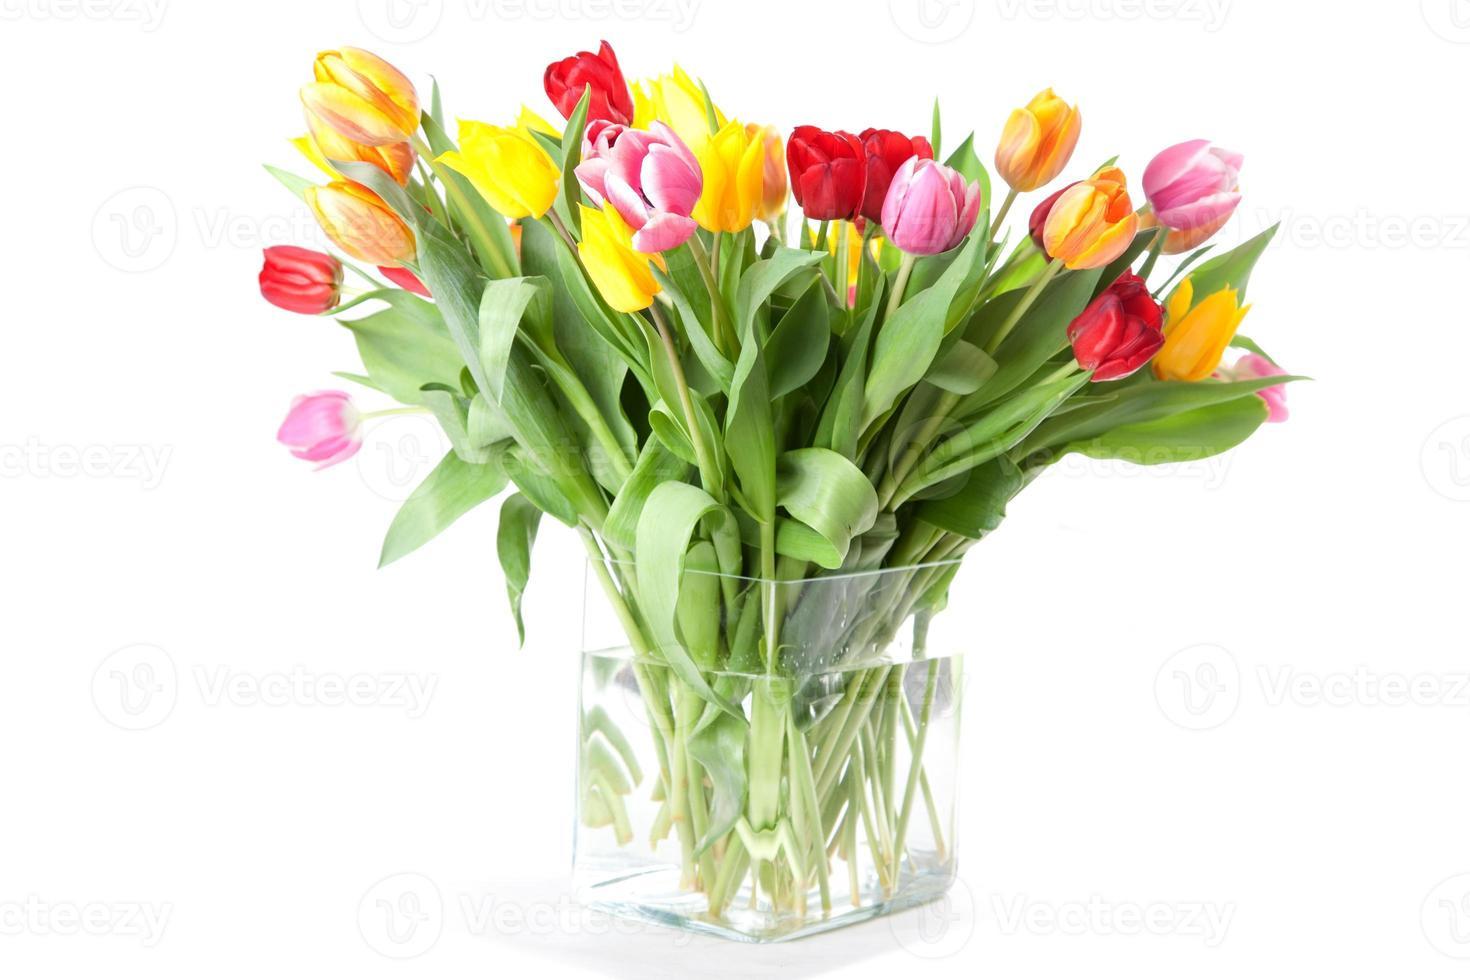 lebhafte farbige Tulpen foto